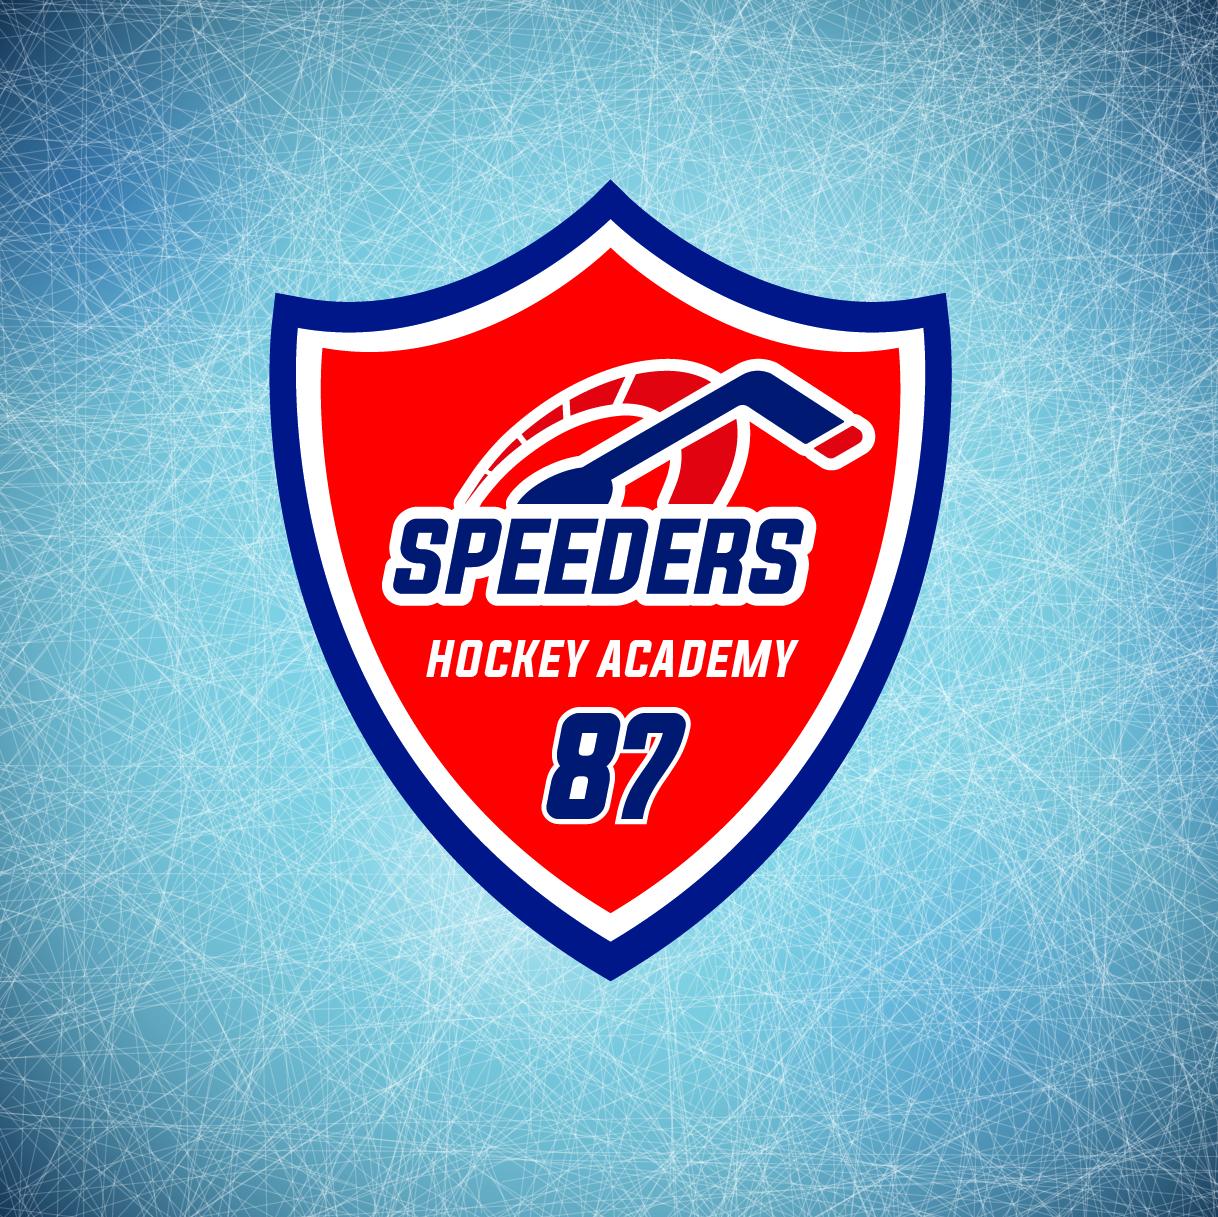 87 ice